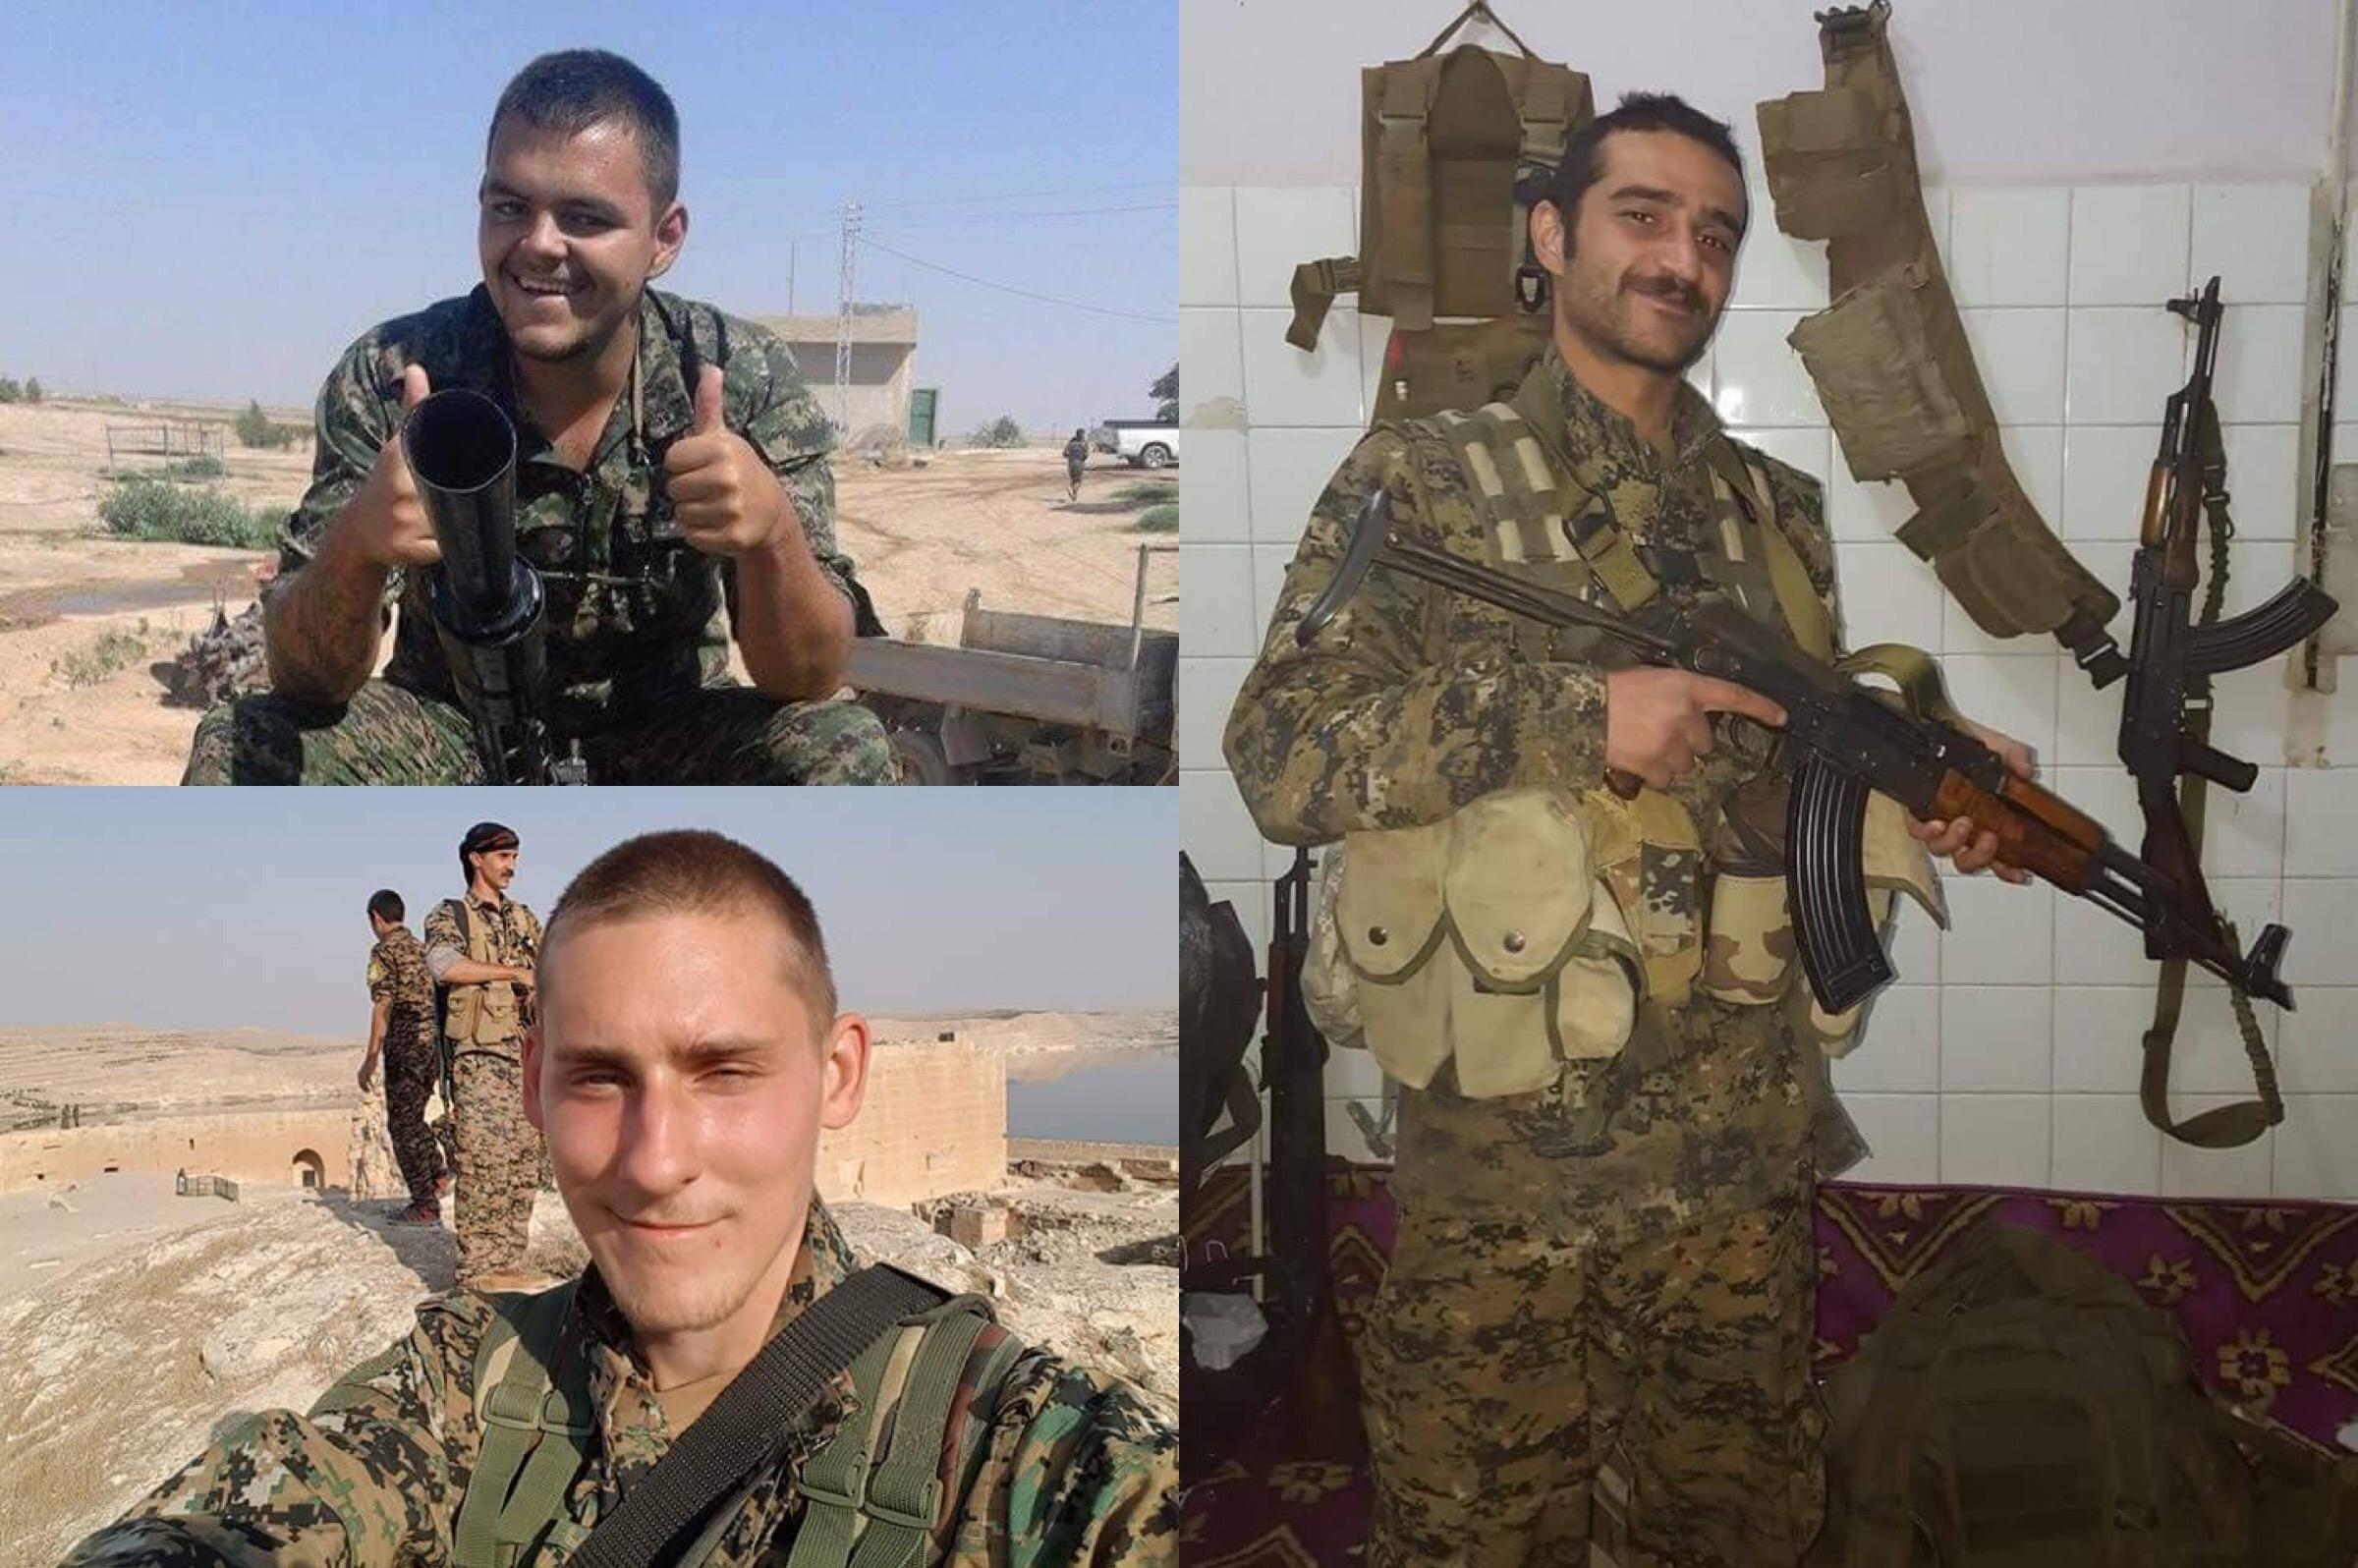 Trois volontaires britanniques au Rojava: Ozkan Odzil est à droite